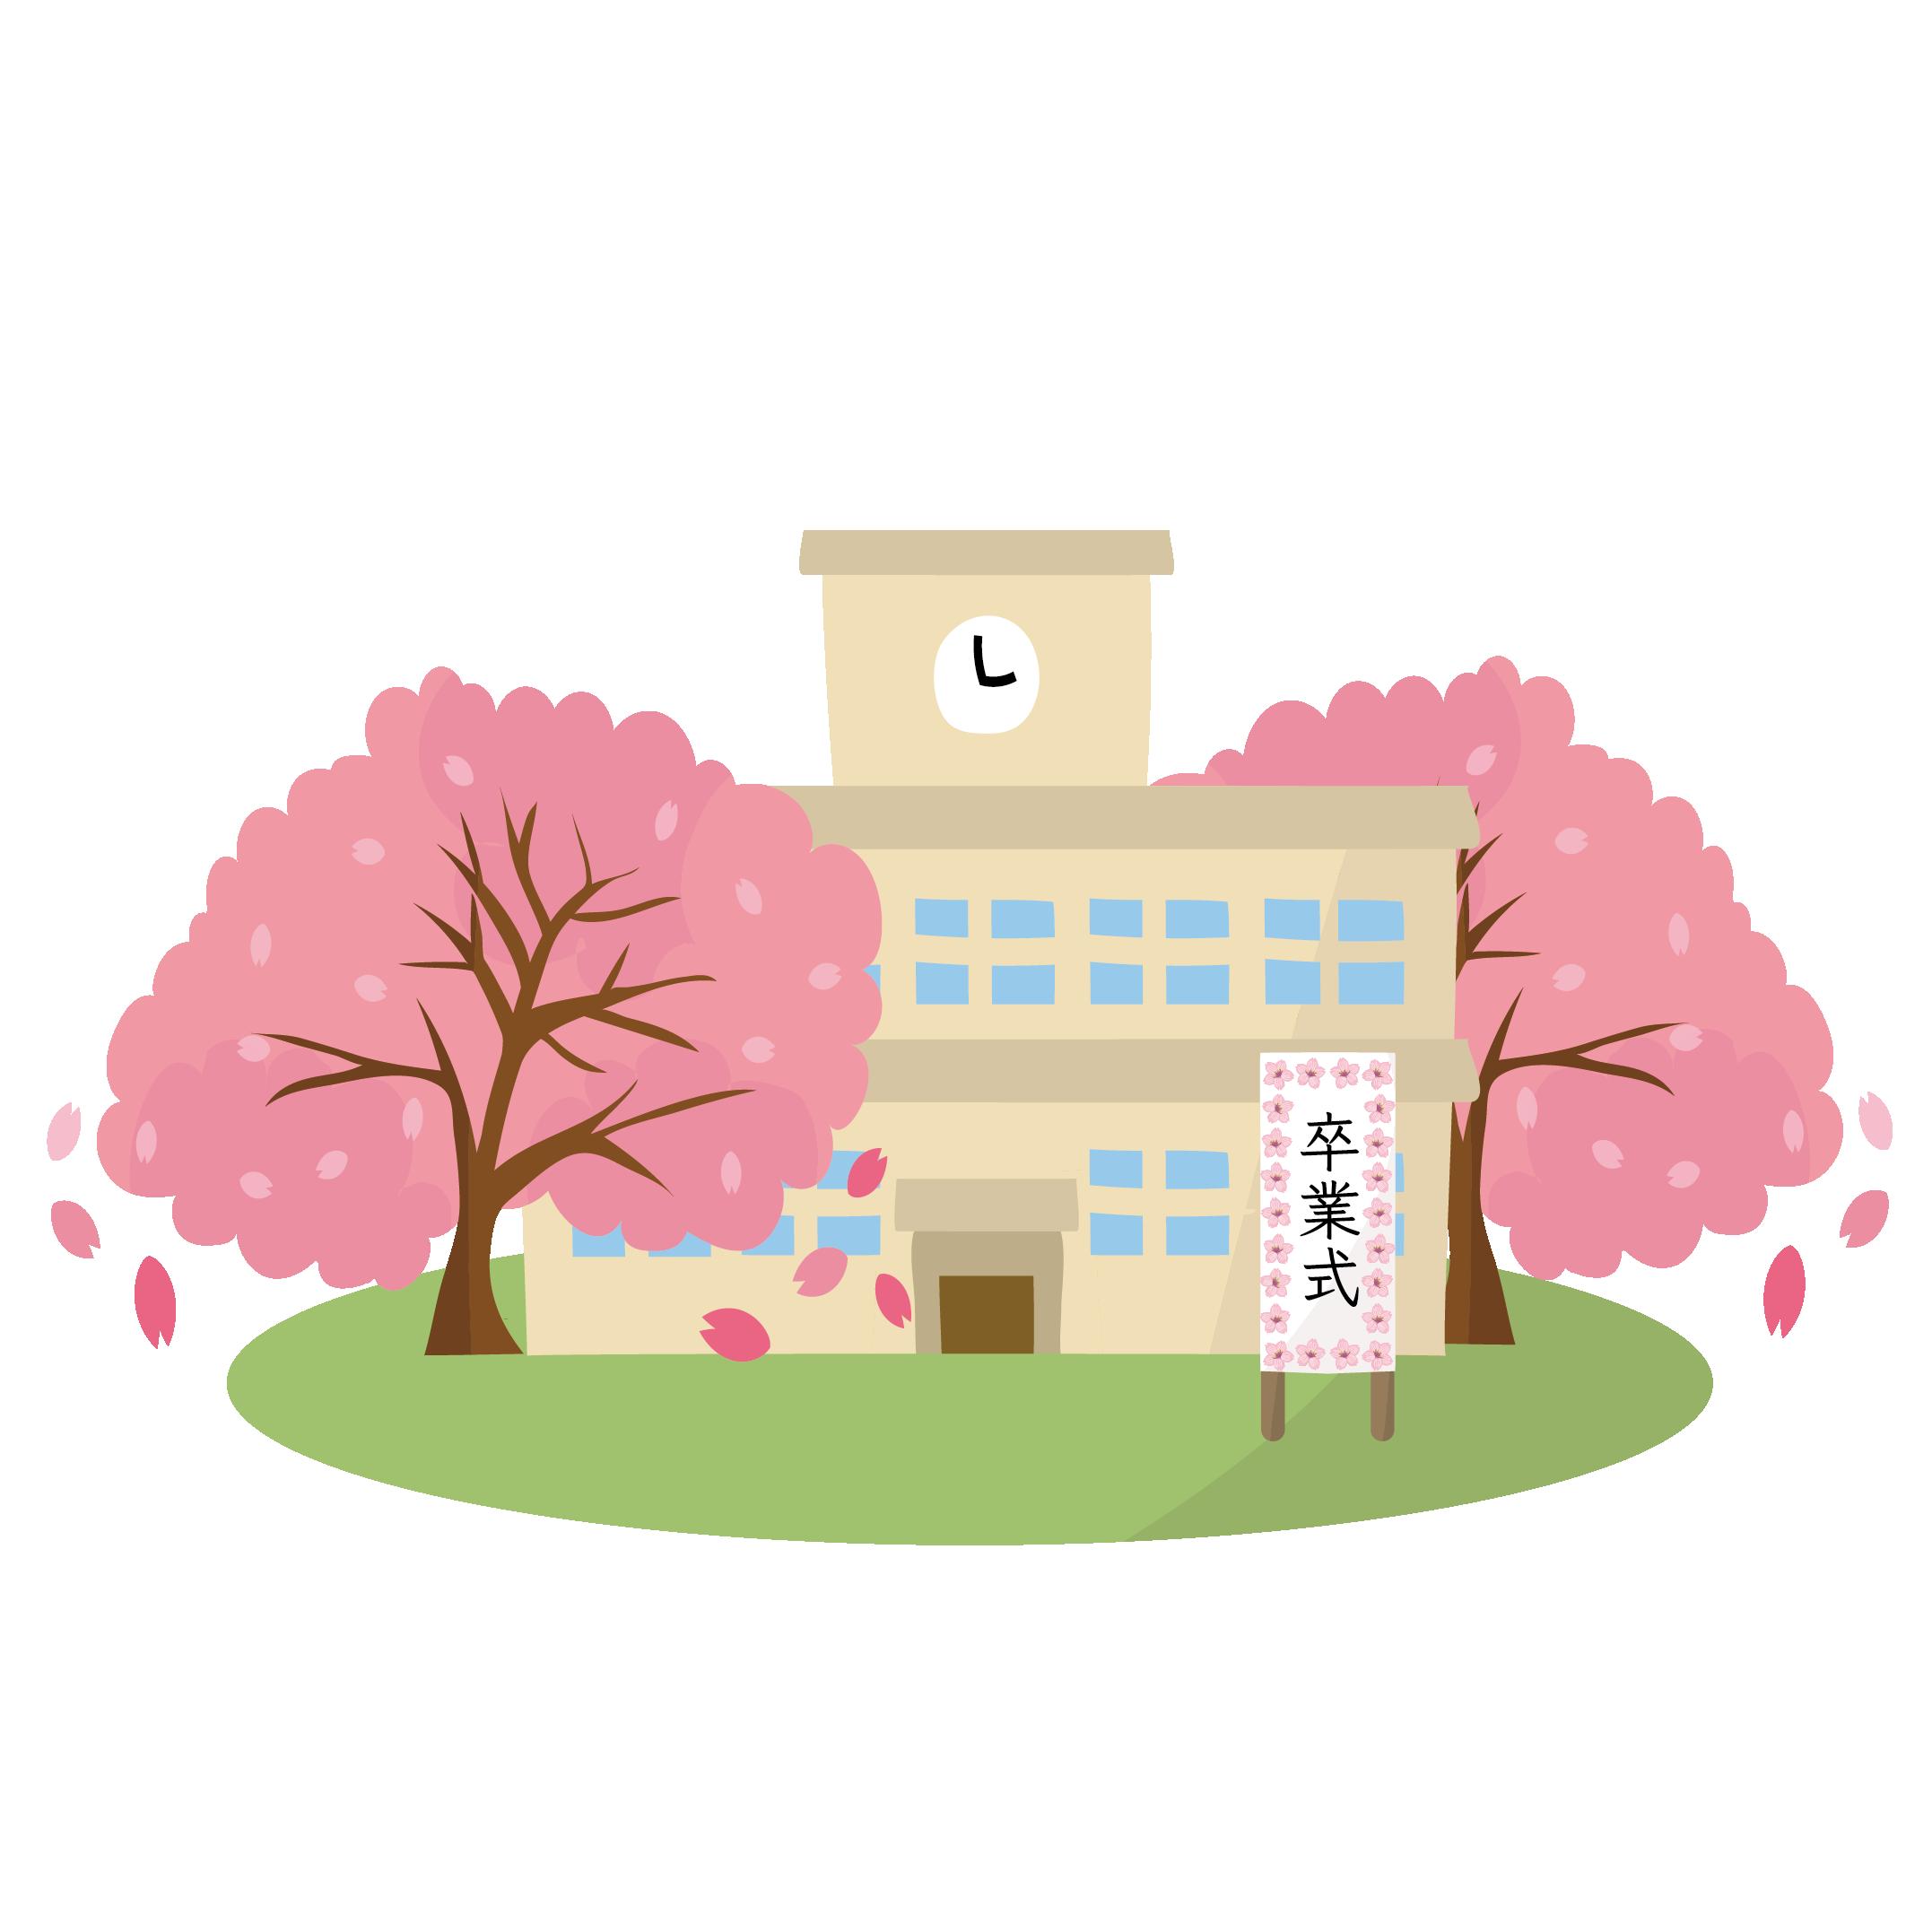 卒業式のイラスト♪桜満開の学校 | 商用フリー(無料)のイラスト素材